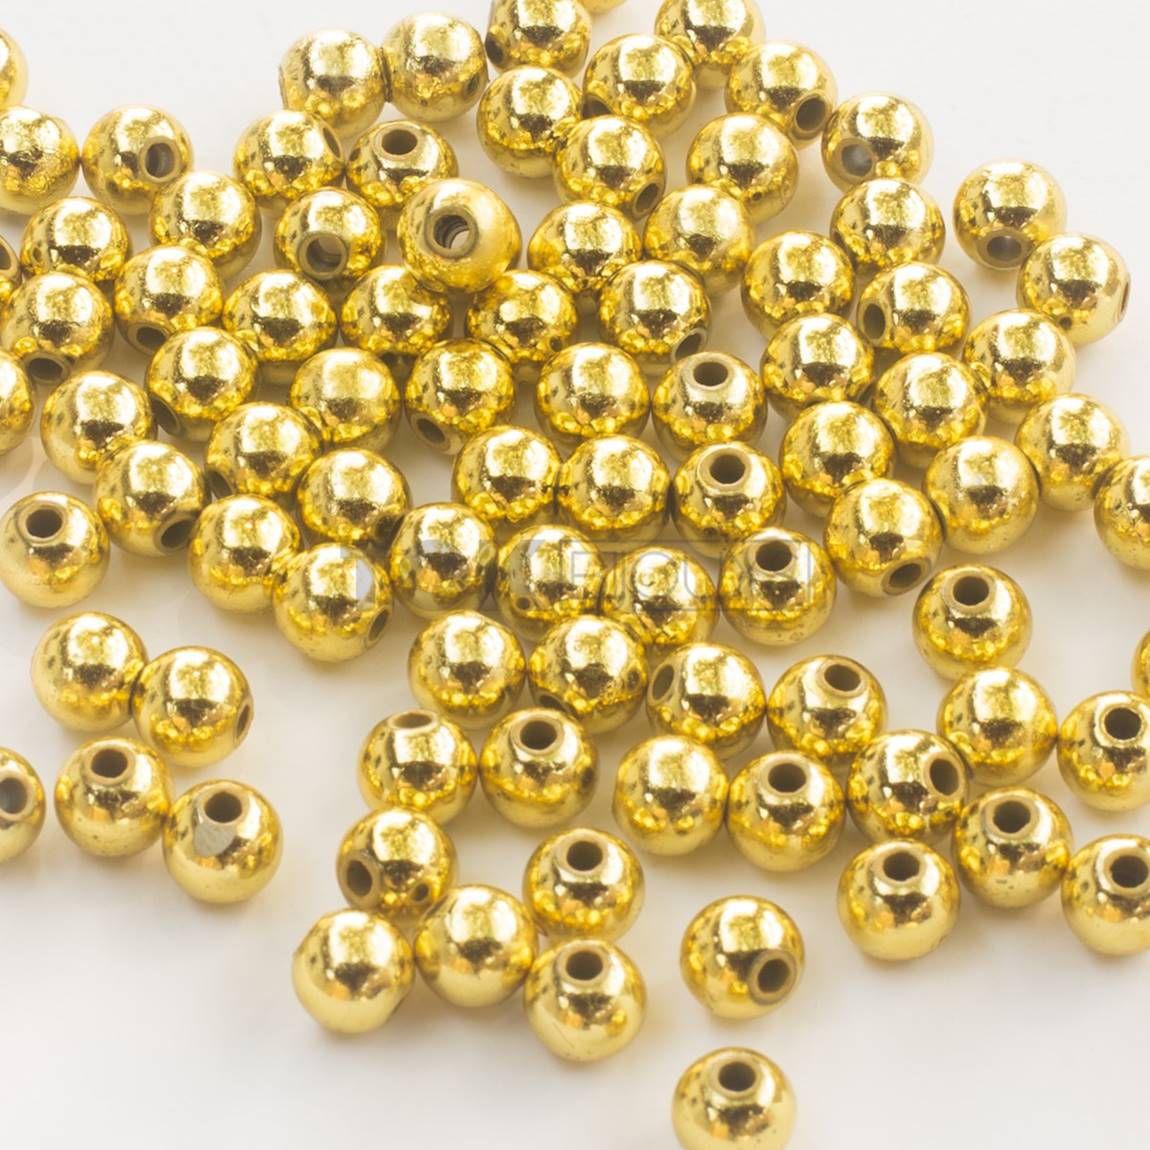 Pérola Redonda Abs 4mm - Dourada - 25g